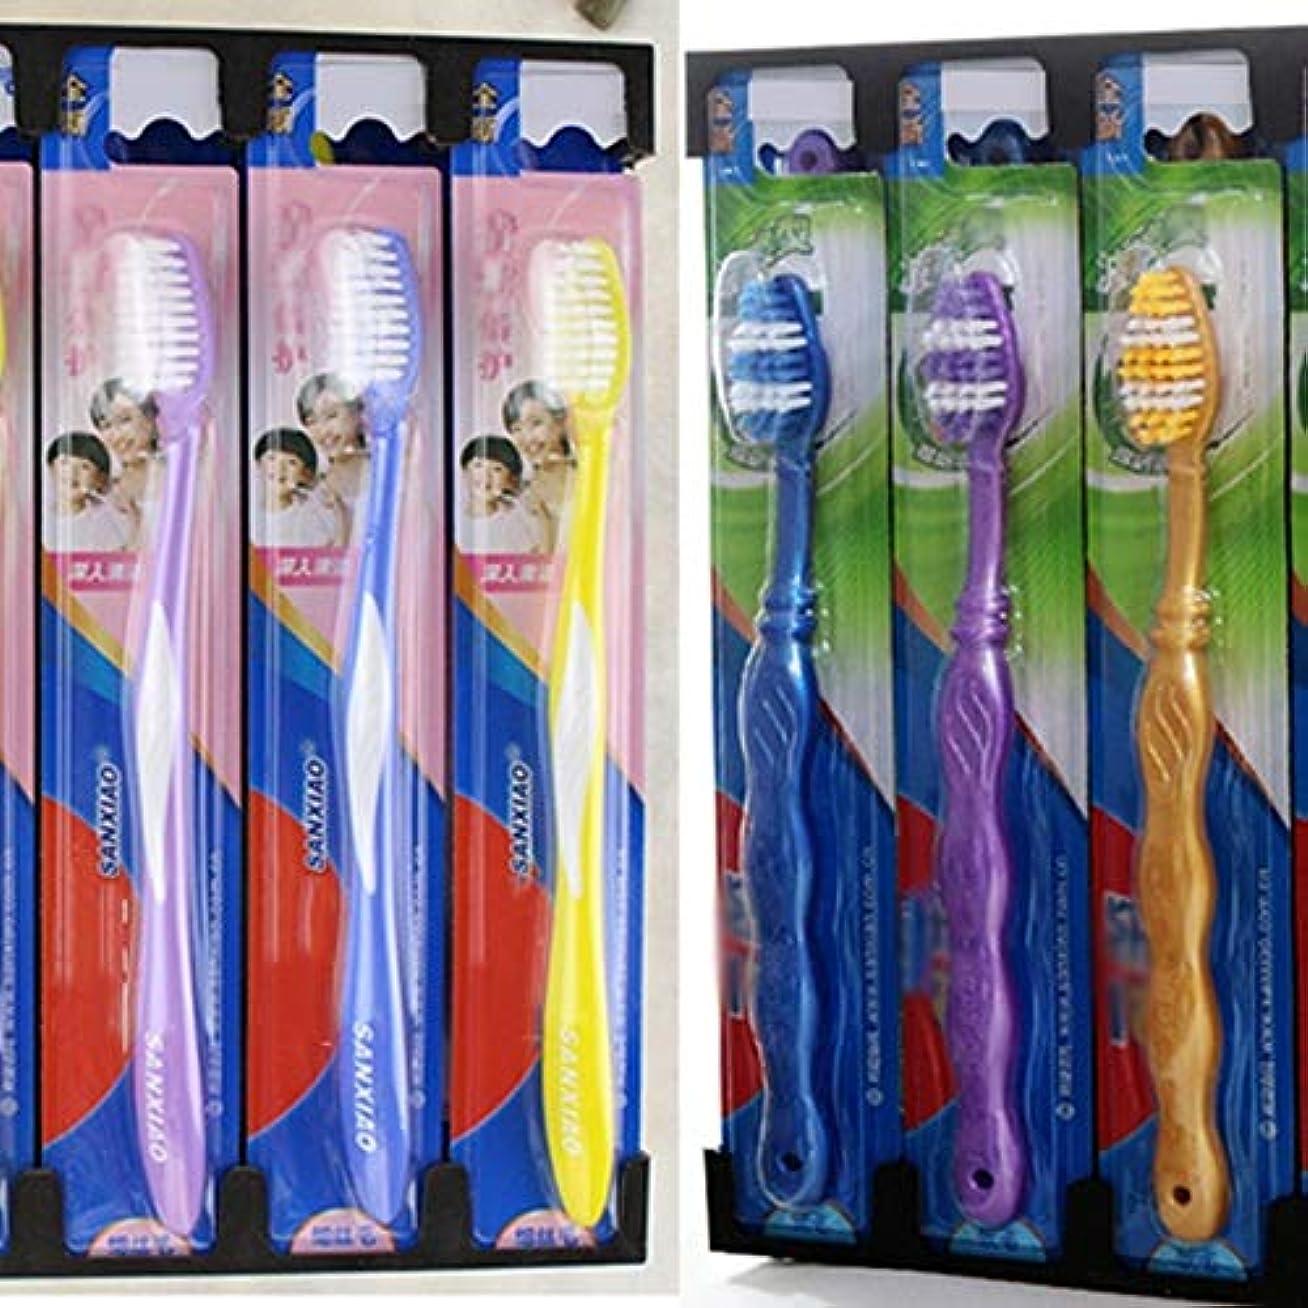 戦争ランデブー薄暗い歯ブラシ 30本の歯ブラシ、旅行歯ブラシ、家族バルク大人歯ブラシ、ミディアム歯ブラシ - 使用可能なスタイルの3種類 HL (色 : C, サイズ : 30 packs)